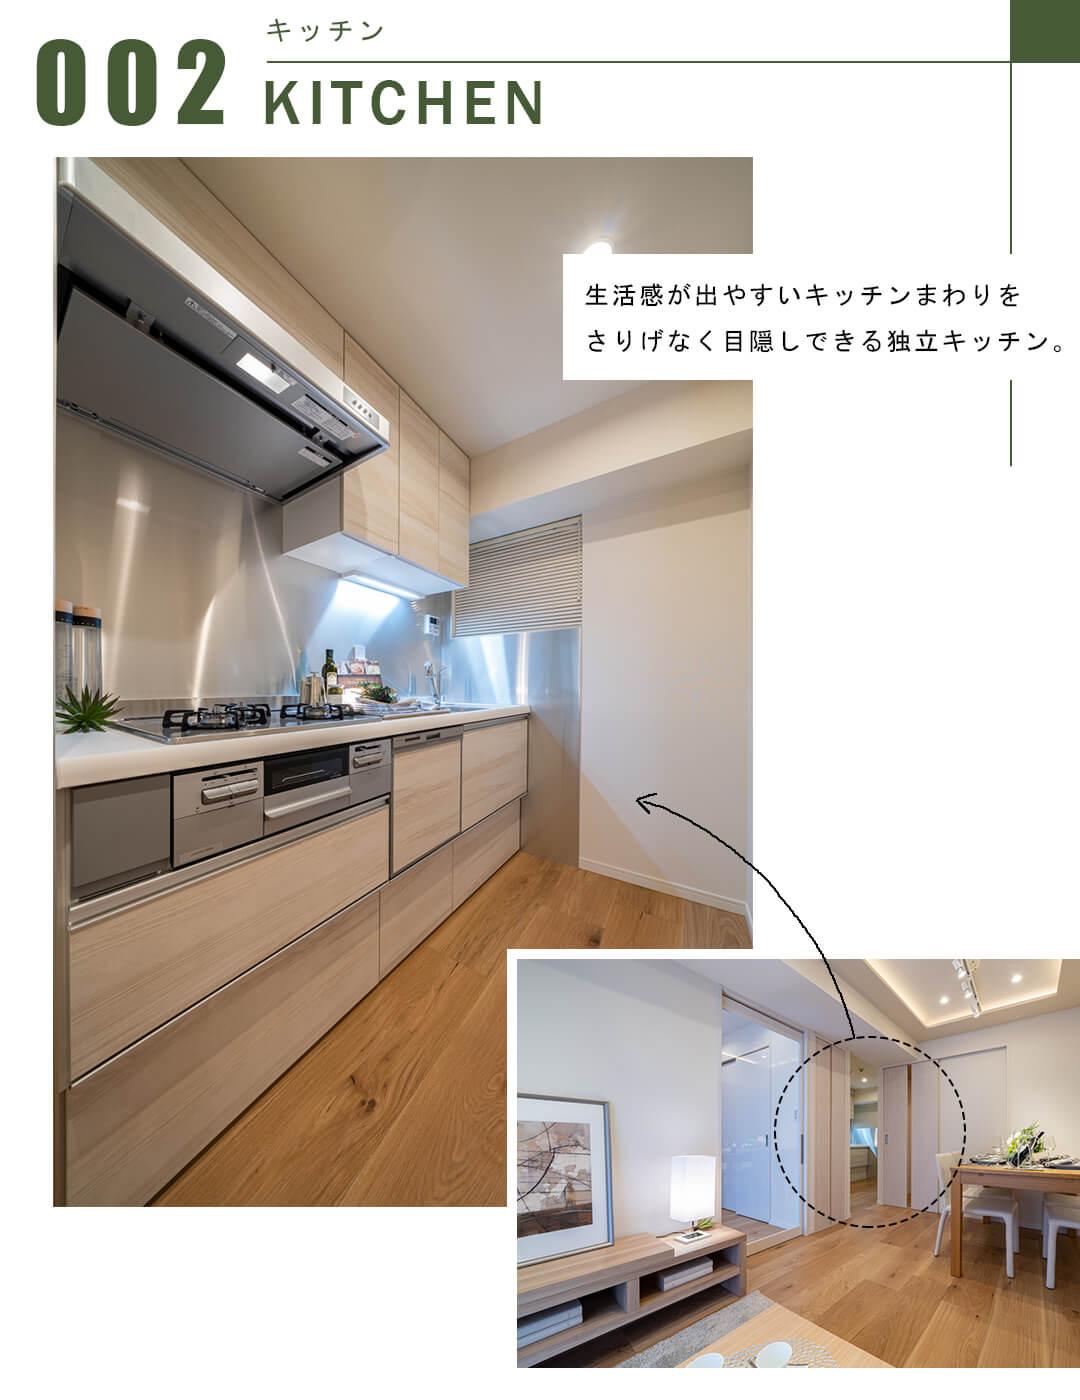 恵比寿アーバンハウスのキッチン